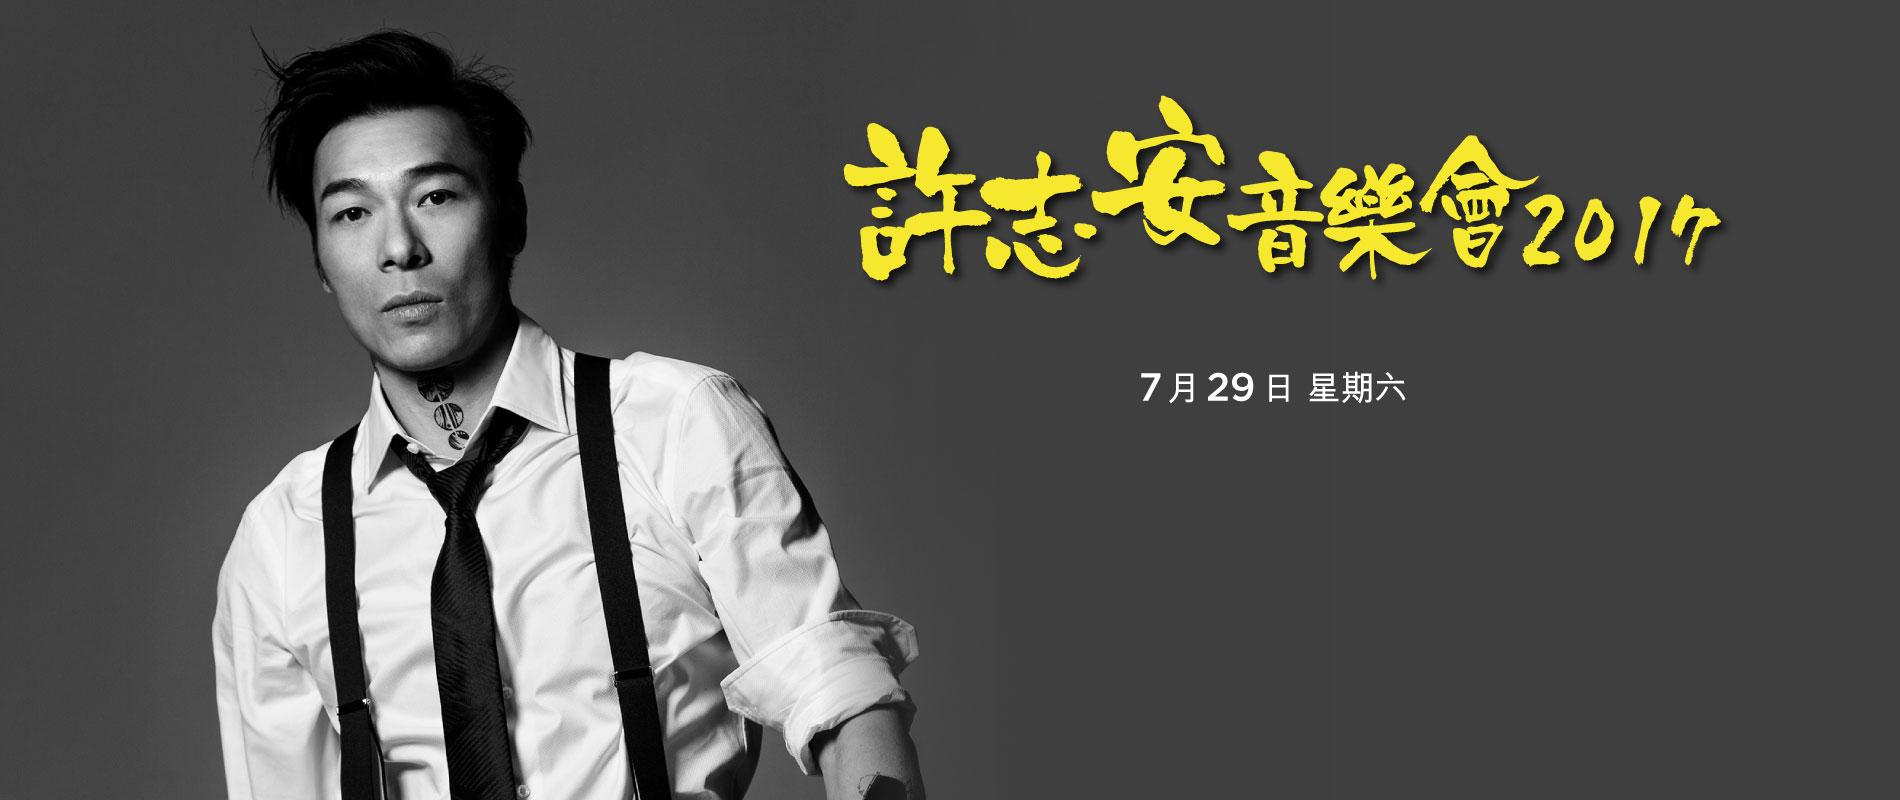 许志安音乐会2017